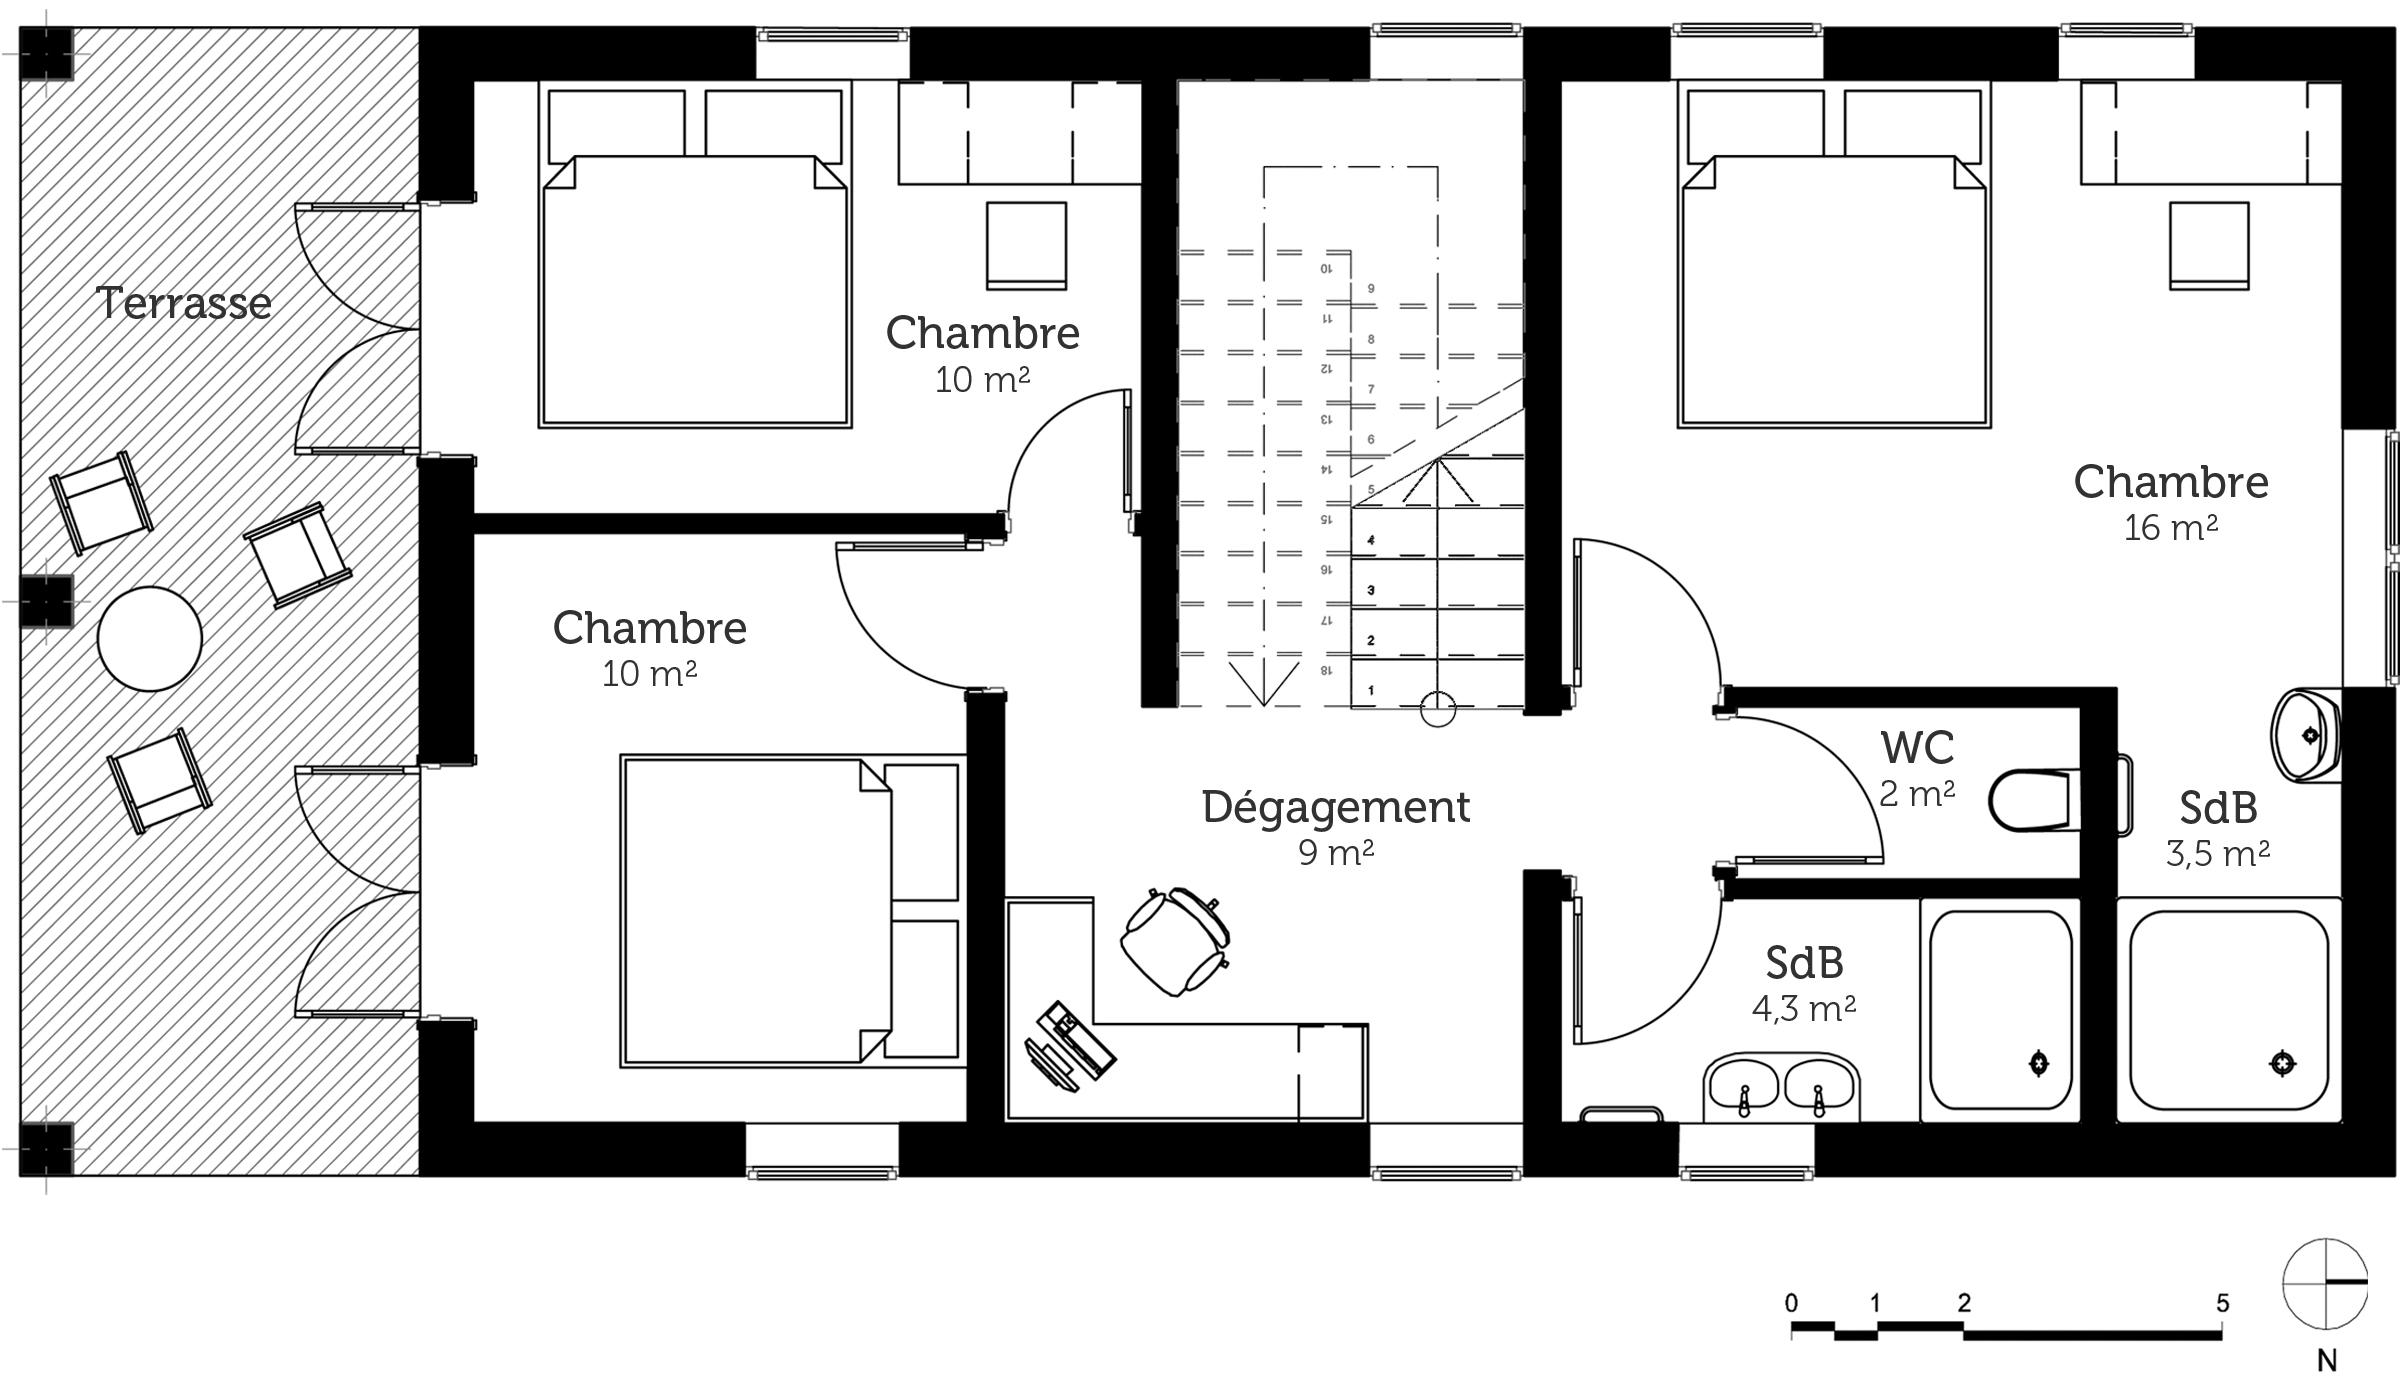 Maison etage avec plan - Programme pour plan de maison ...